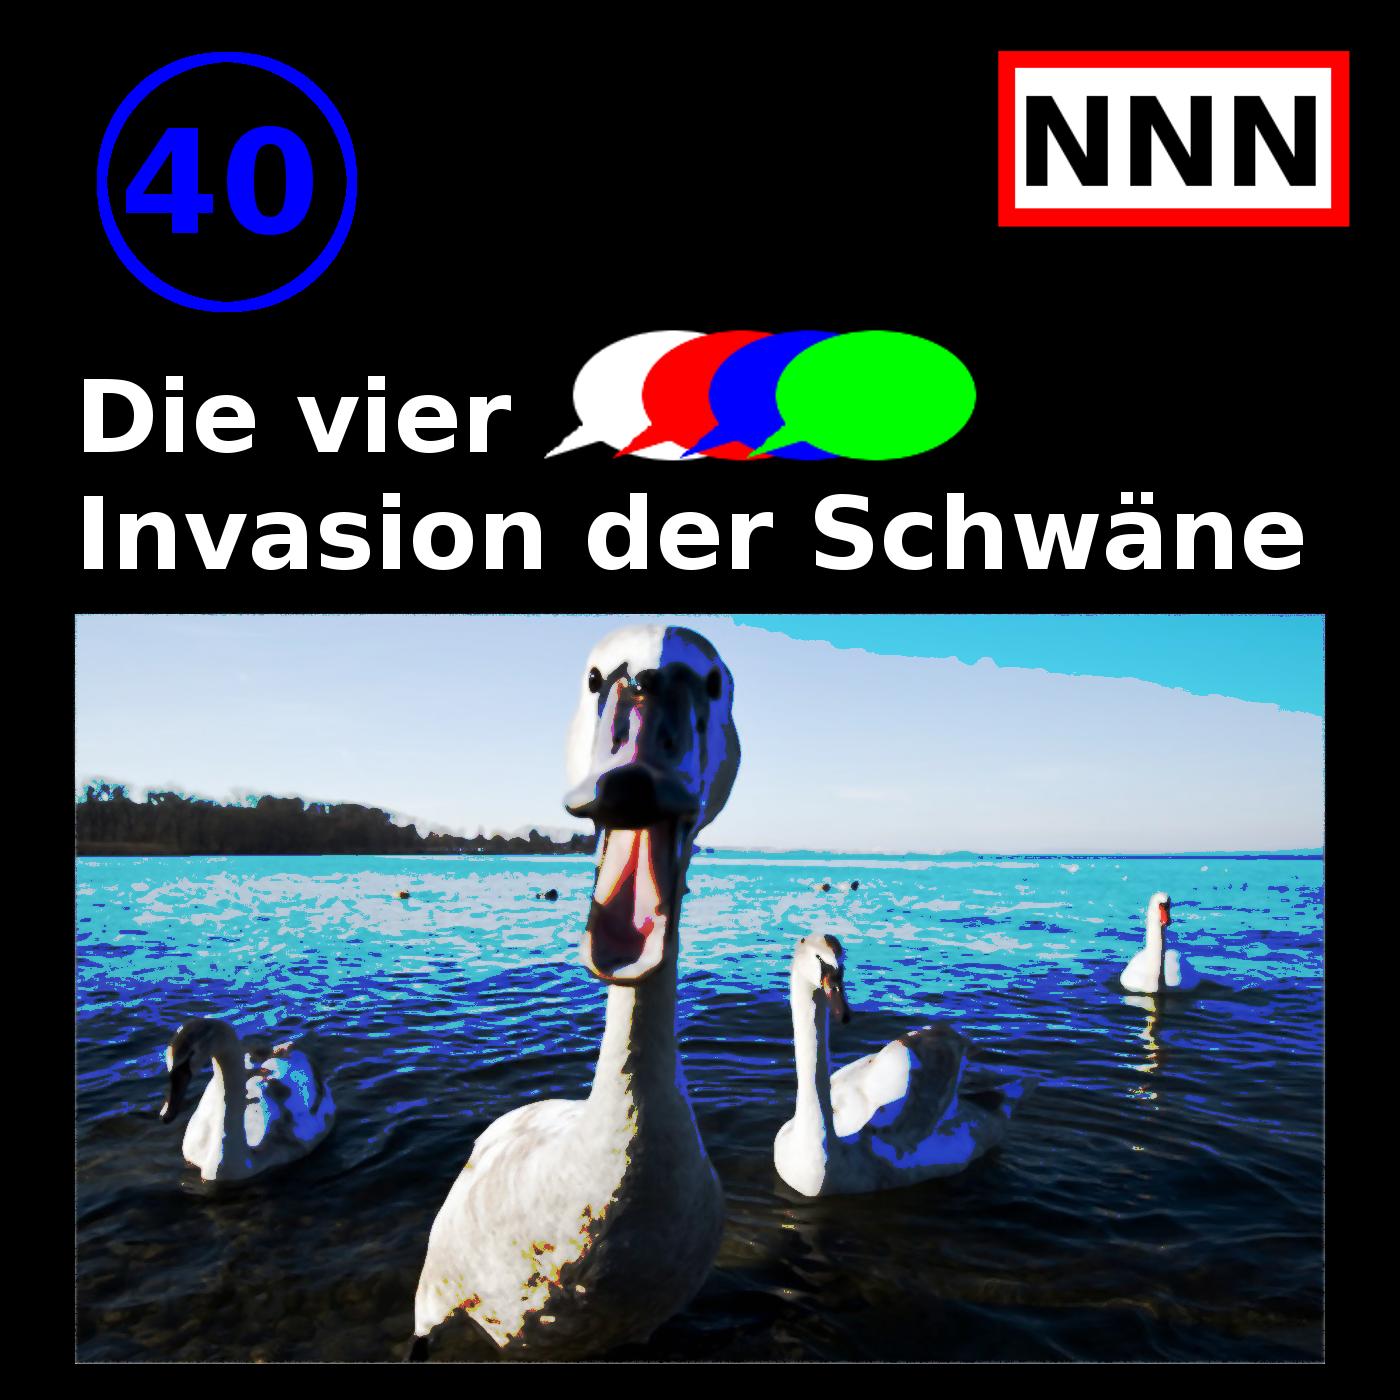 NNN040